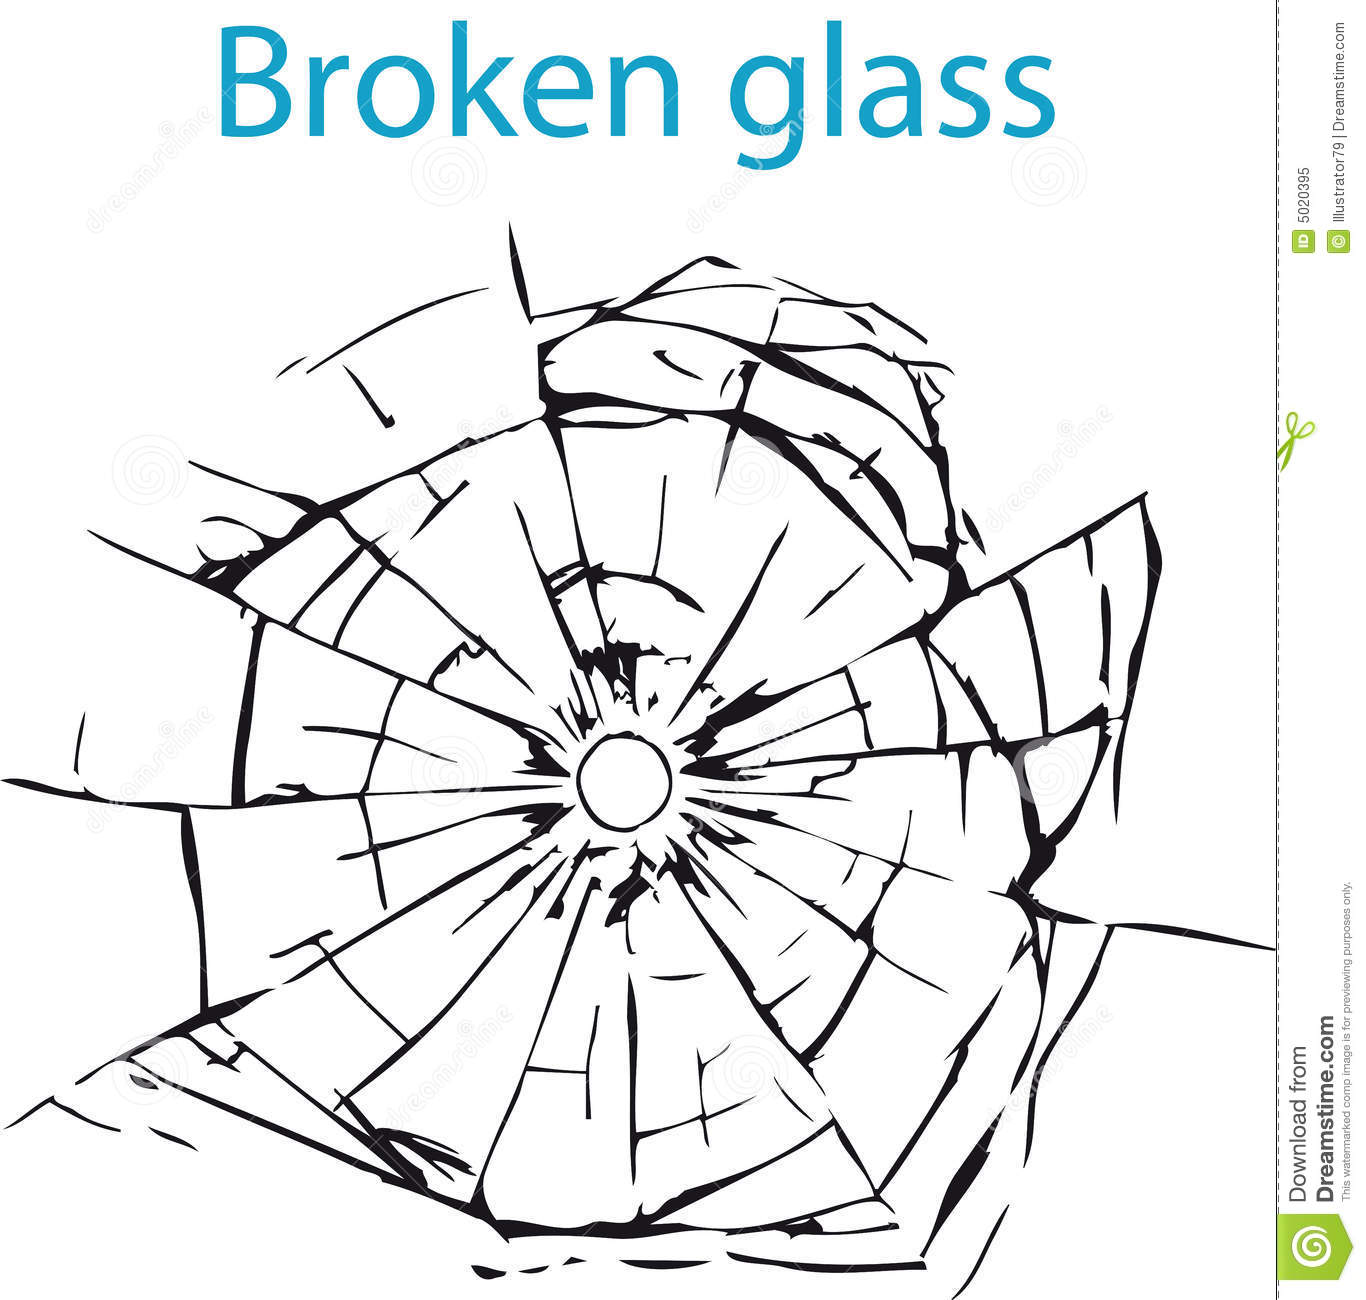 Broken glass clip art.